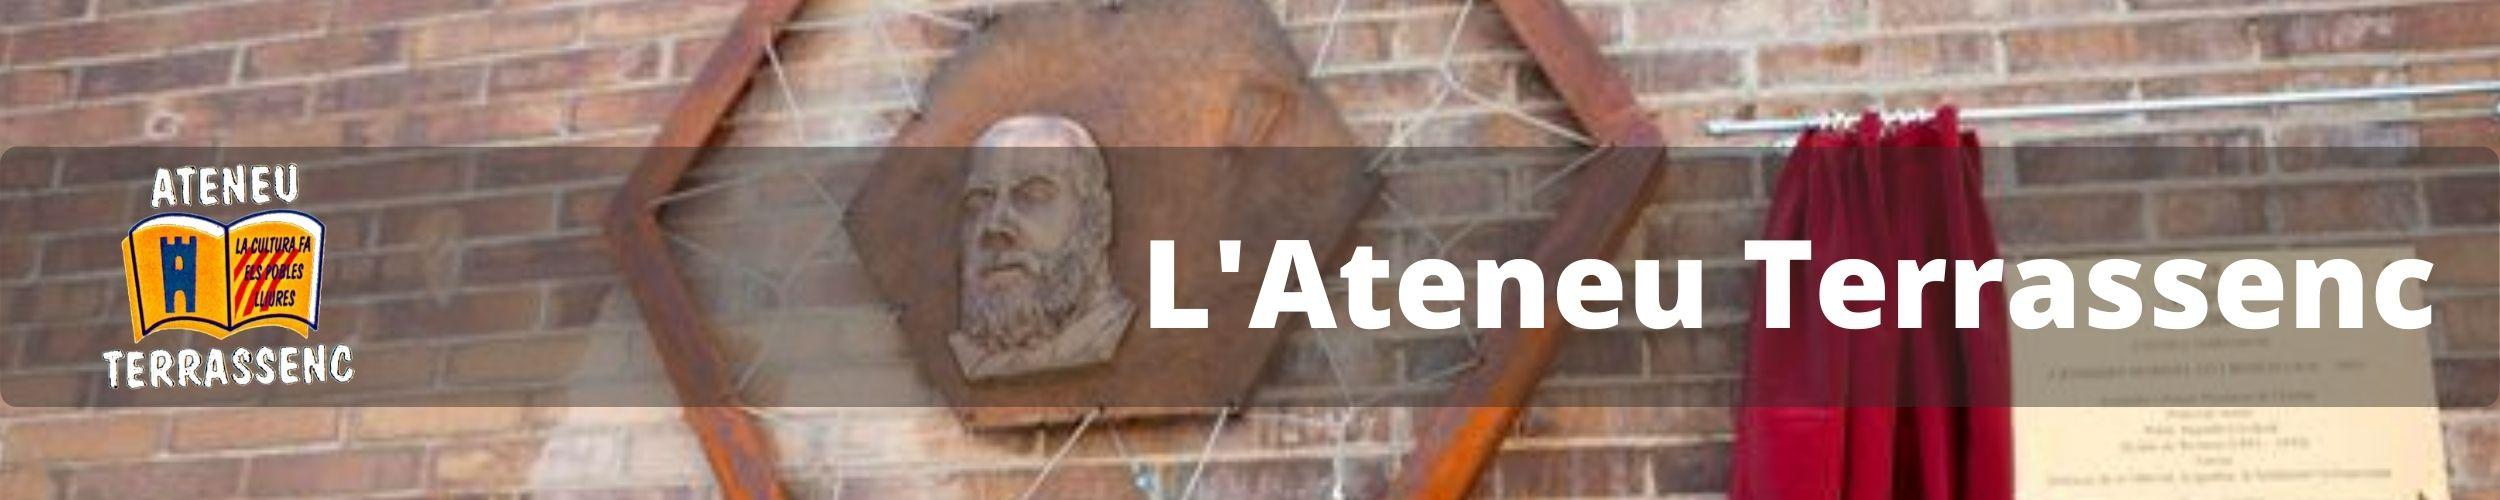 L'Ateneu Terrassenc